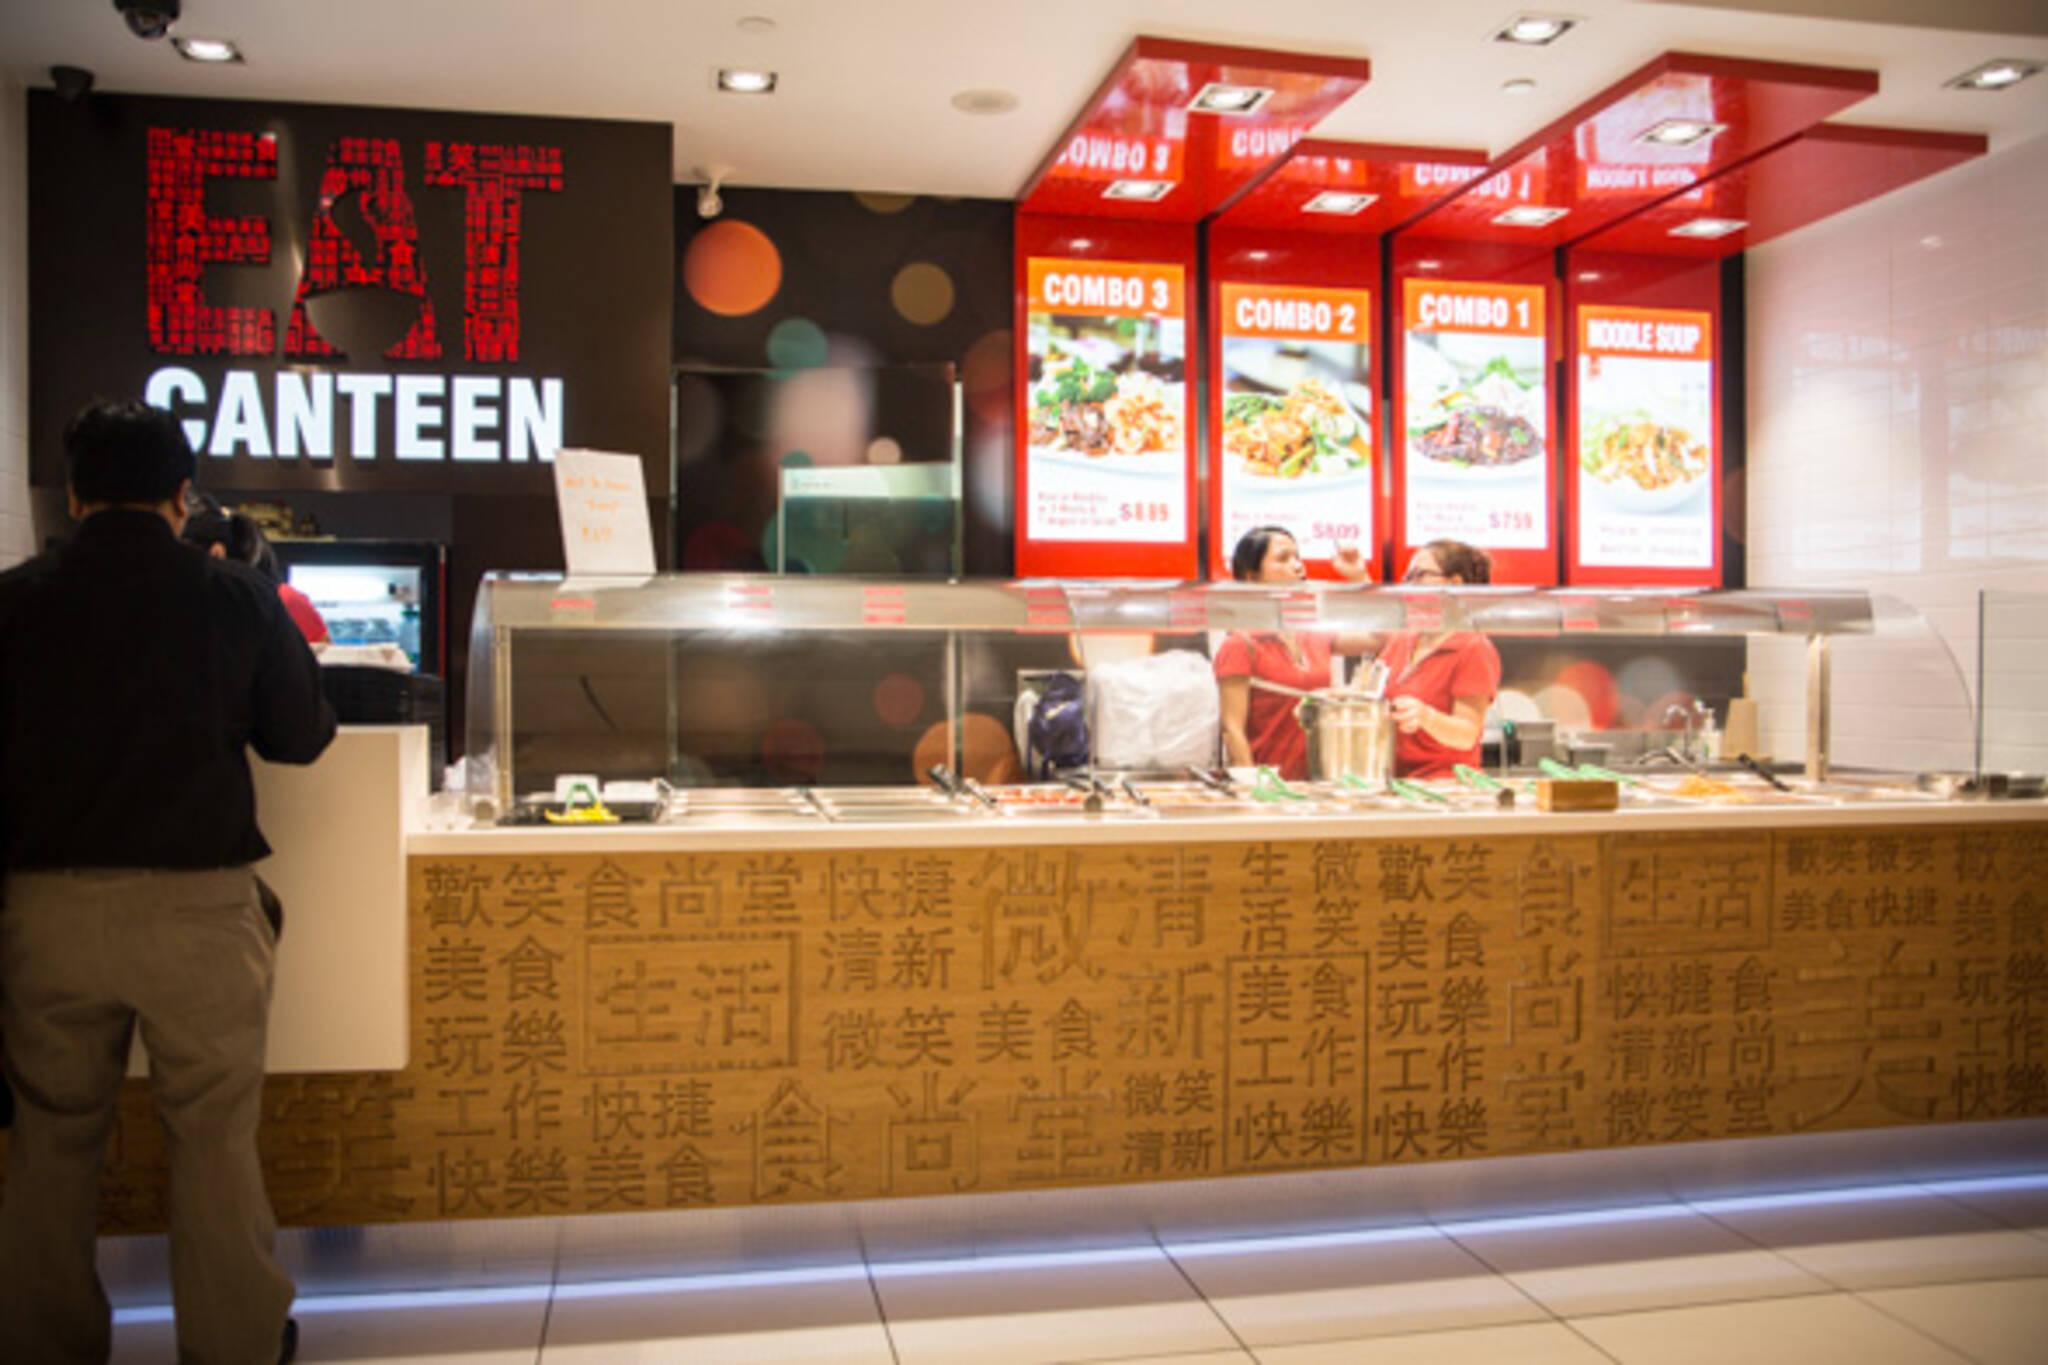 eat canteen toronto